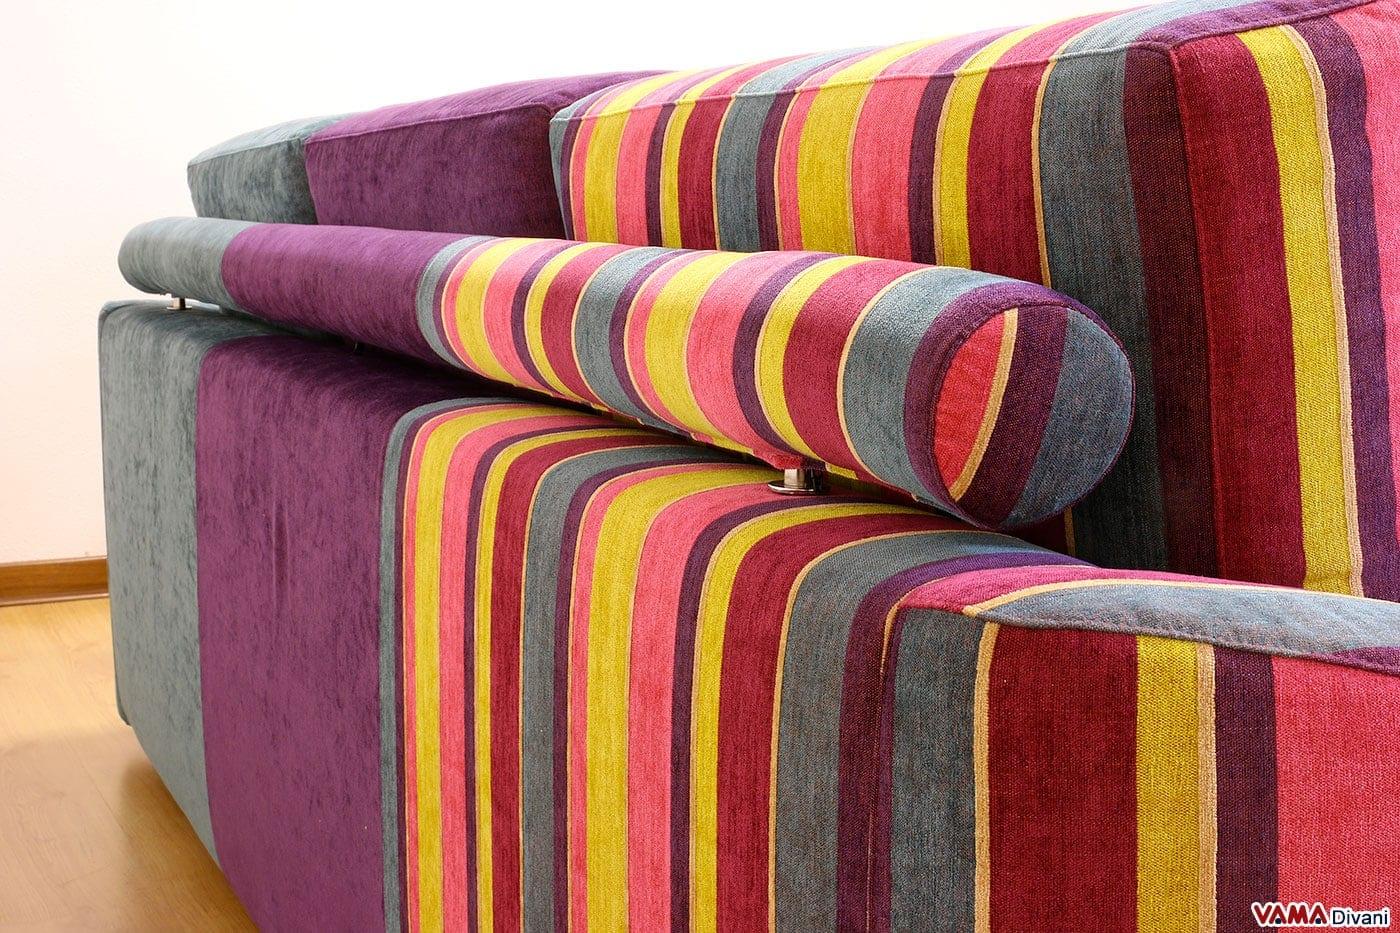 Divano multicolore moderno in tessuto vama divani for Divano moderno